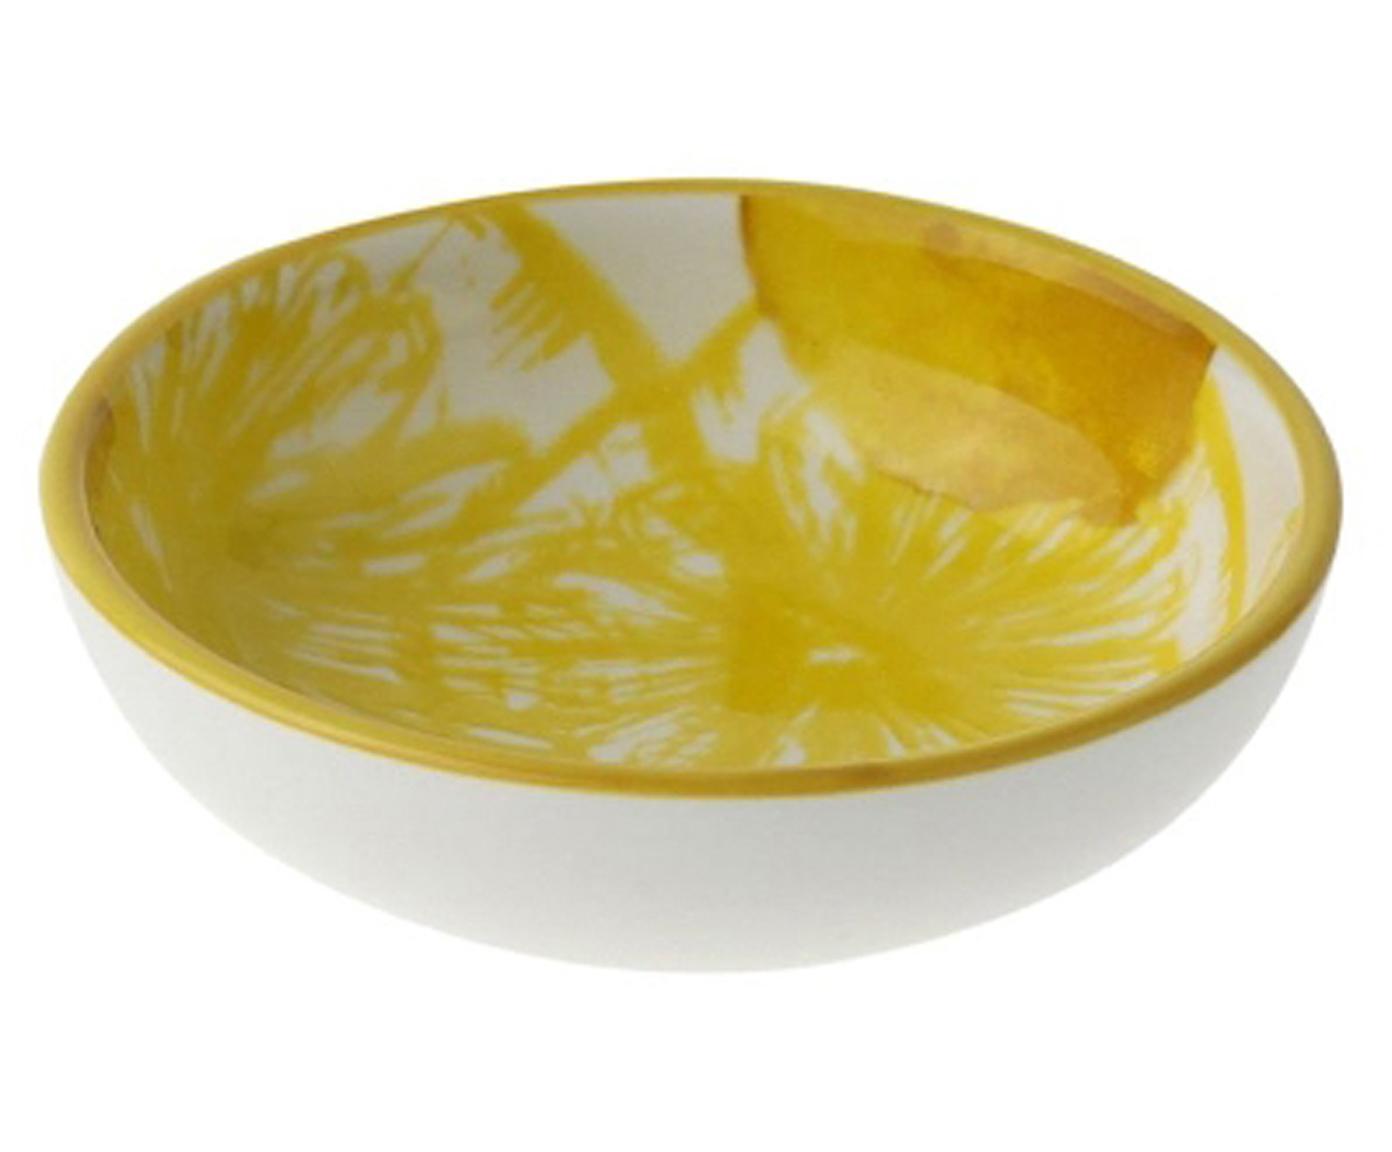 Cuencos Lemon, 2uds., Porcelana, Blanco, amarillo, Ø 9 x Al 3 cm